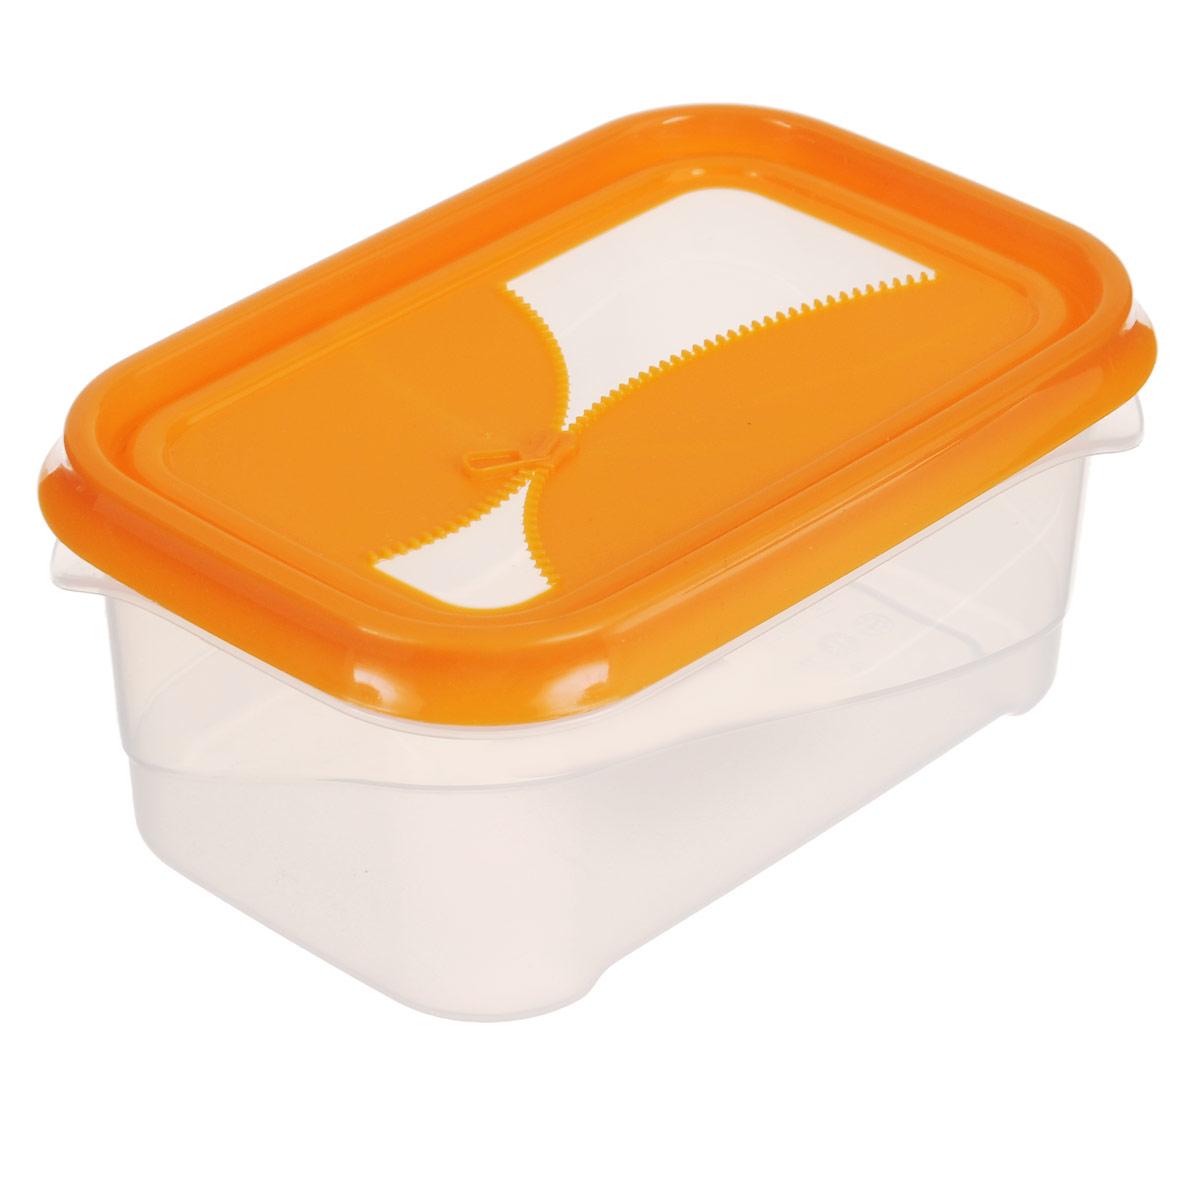 Контейнер для холодильника и СВЧ Phibo Ziplook, цвет: прозрачный, оранжевый, 700 млFS-91909Контейнер для холодильника и СВЧ Phibo Ziplook изготовлен из высококачественного прочного пластика, устойчивого к высоким температурам. Яркая цветная крышка, украшенная рельефом в виде молнии, плотно закрывается, дольше сохраняя продукты свежими и вкусными. Контейнер идеально подходит для хранения пищи, его удобно брать с собой на работу, учебу, пикник или просто использовать для хранения пищи в холодильнике.Подходит для использования в микроволновой печи (без крышки). Можно мыть в посудомоечной машине.